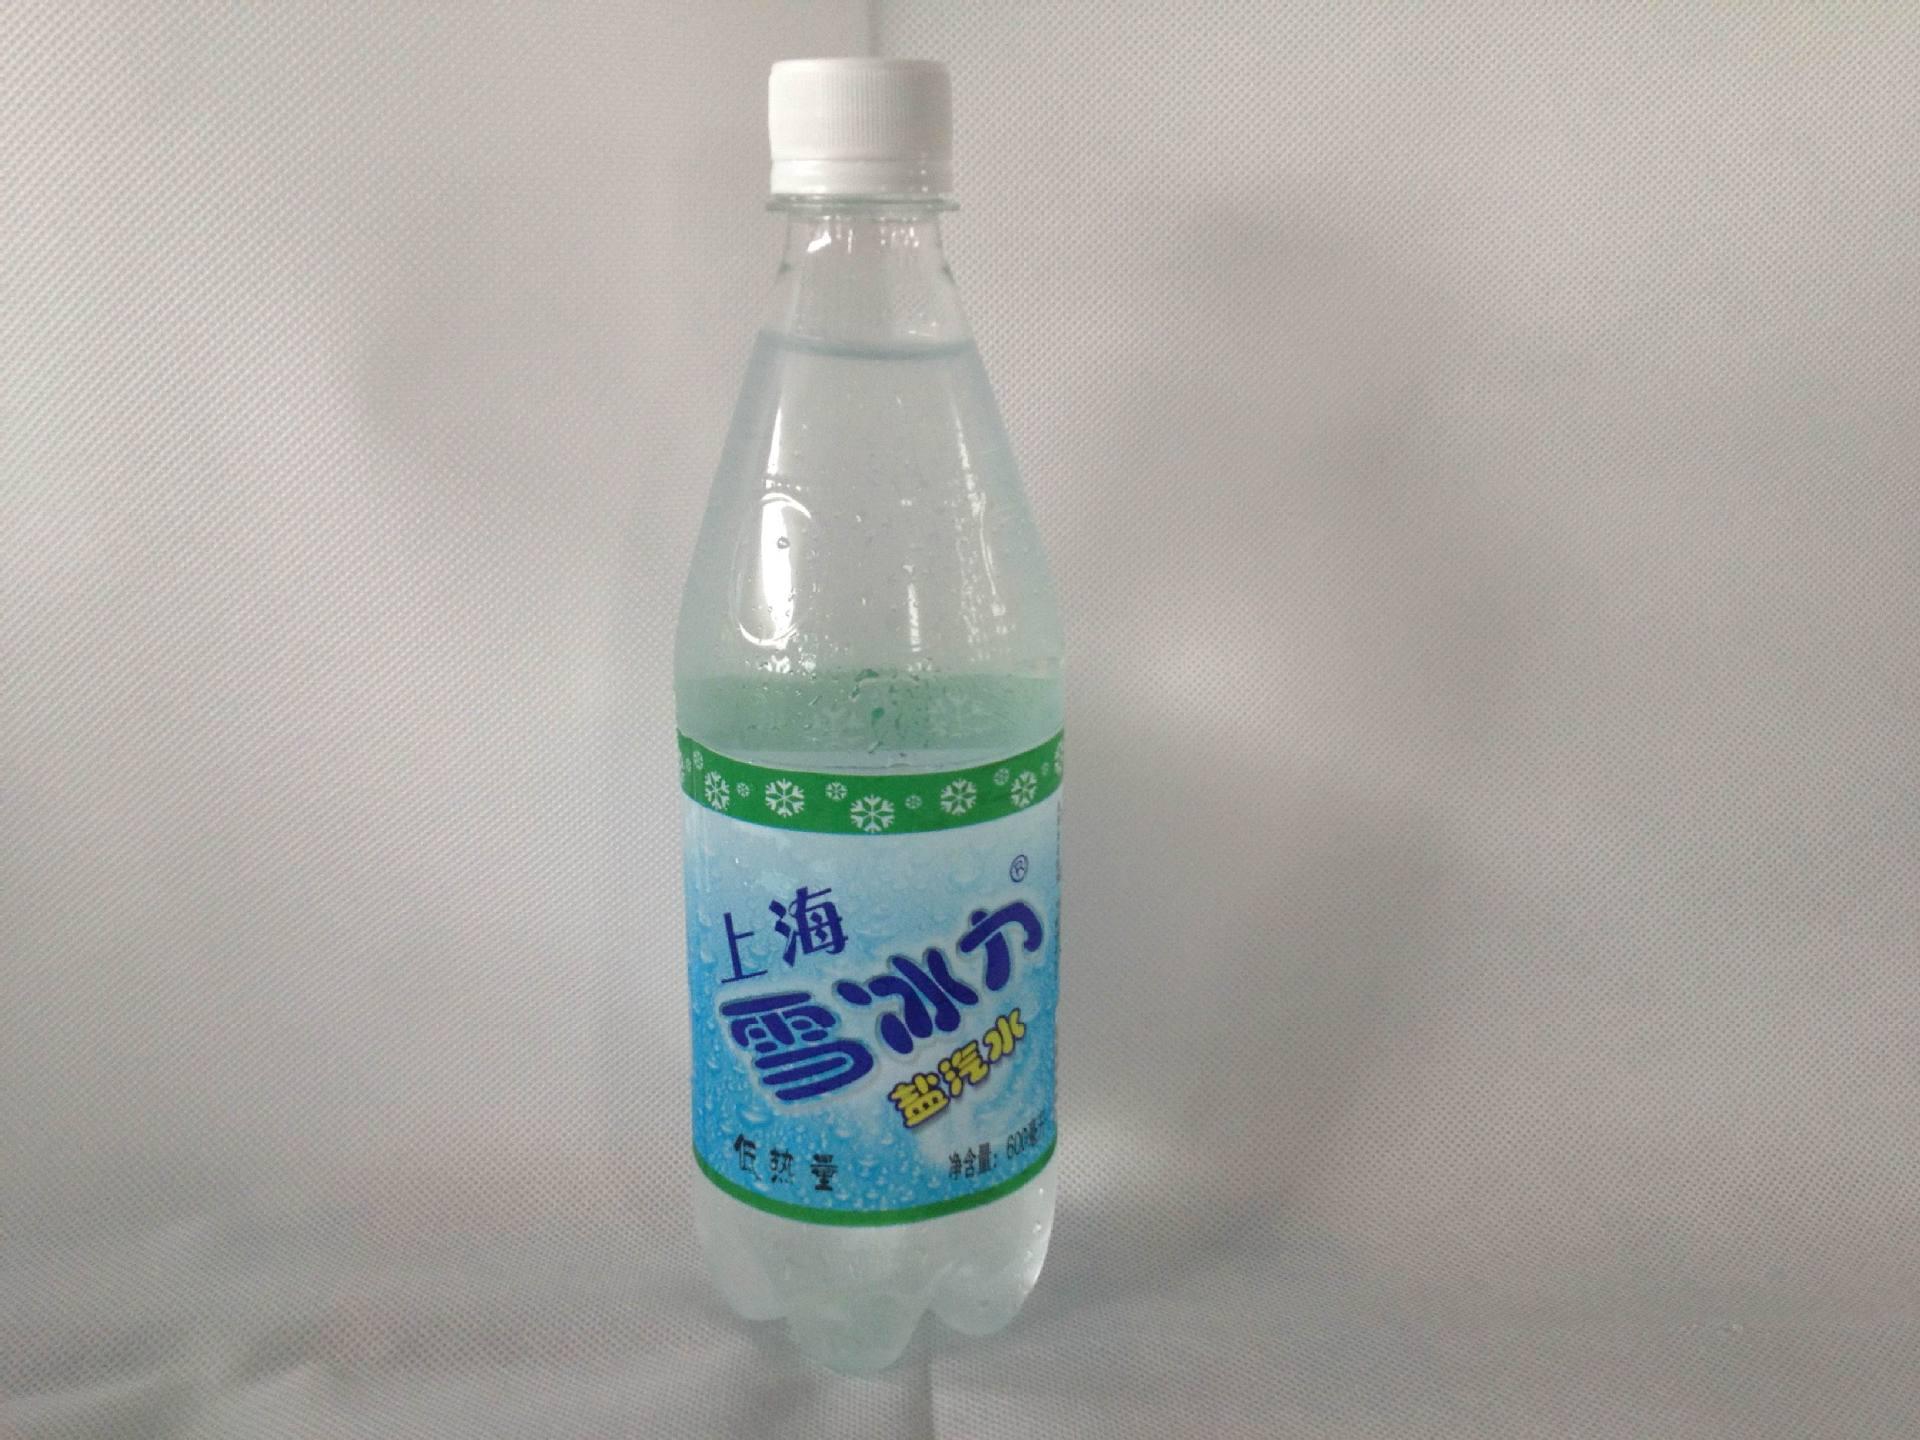 碳酸饮料 盐汽水,上海雪冰力牌盐汽水, 厂家直销,质量保证 防暑